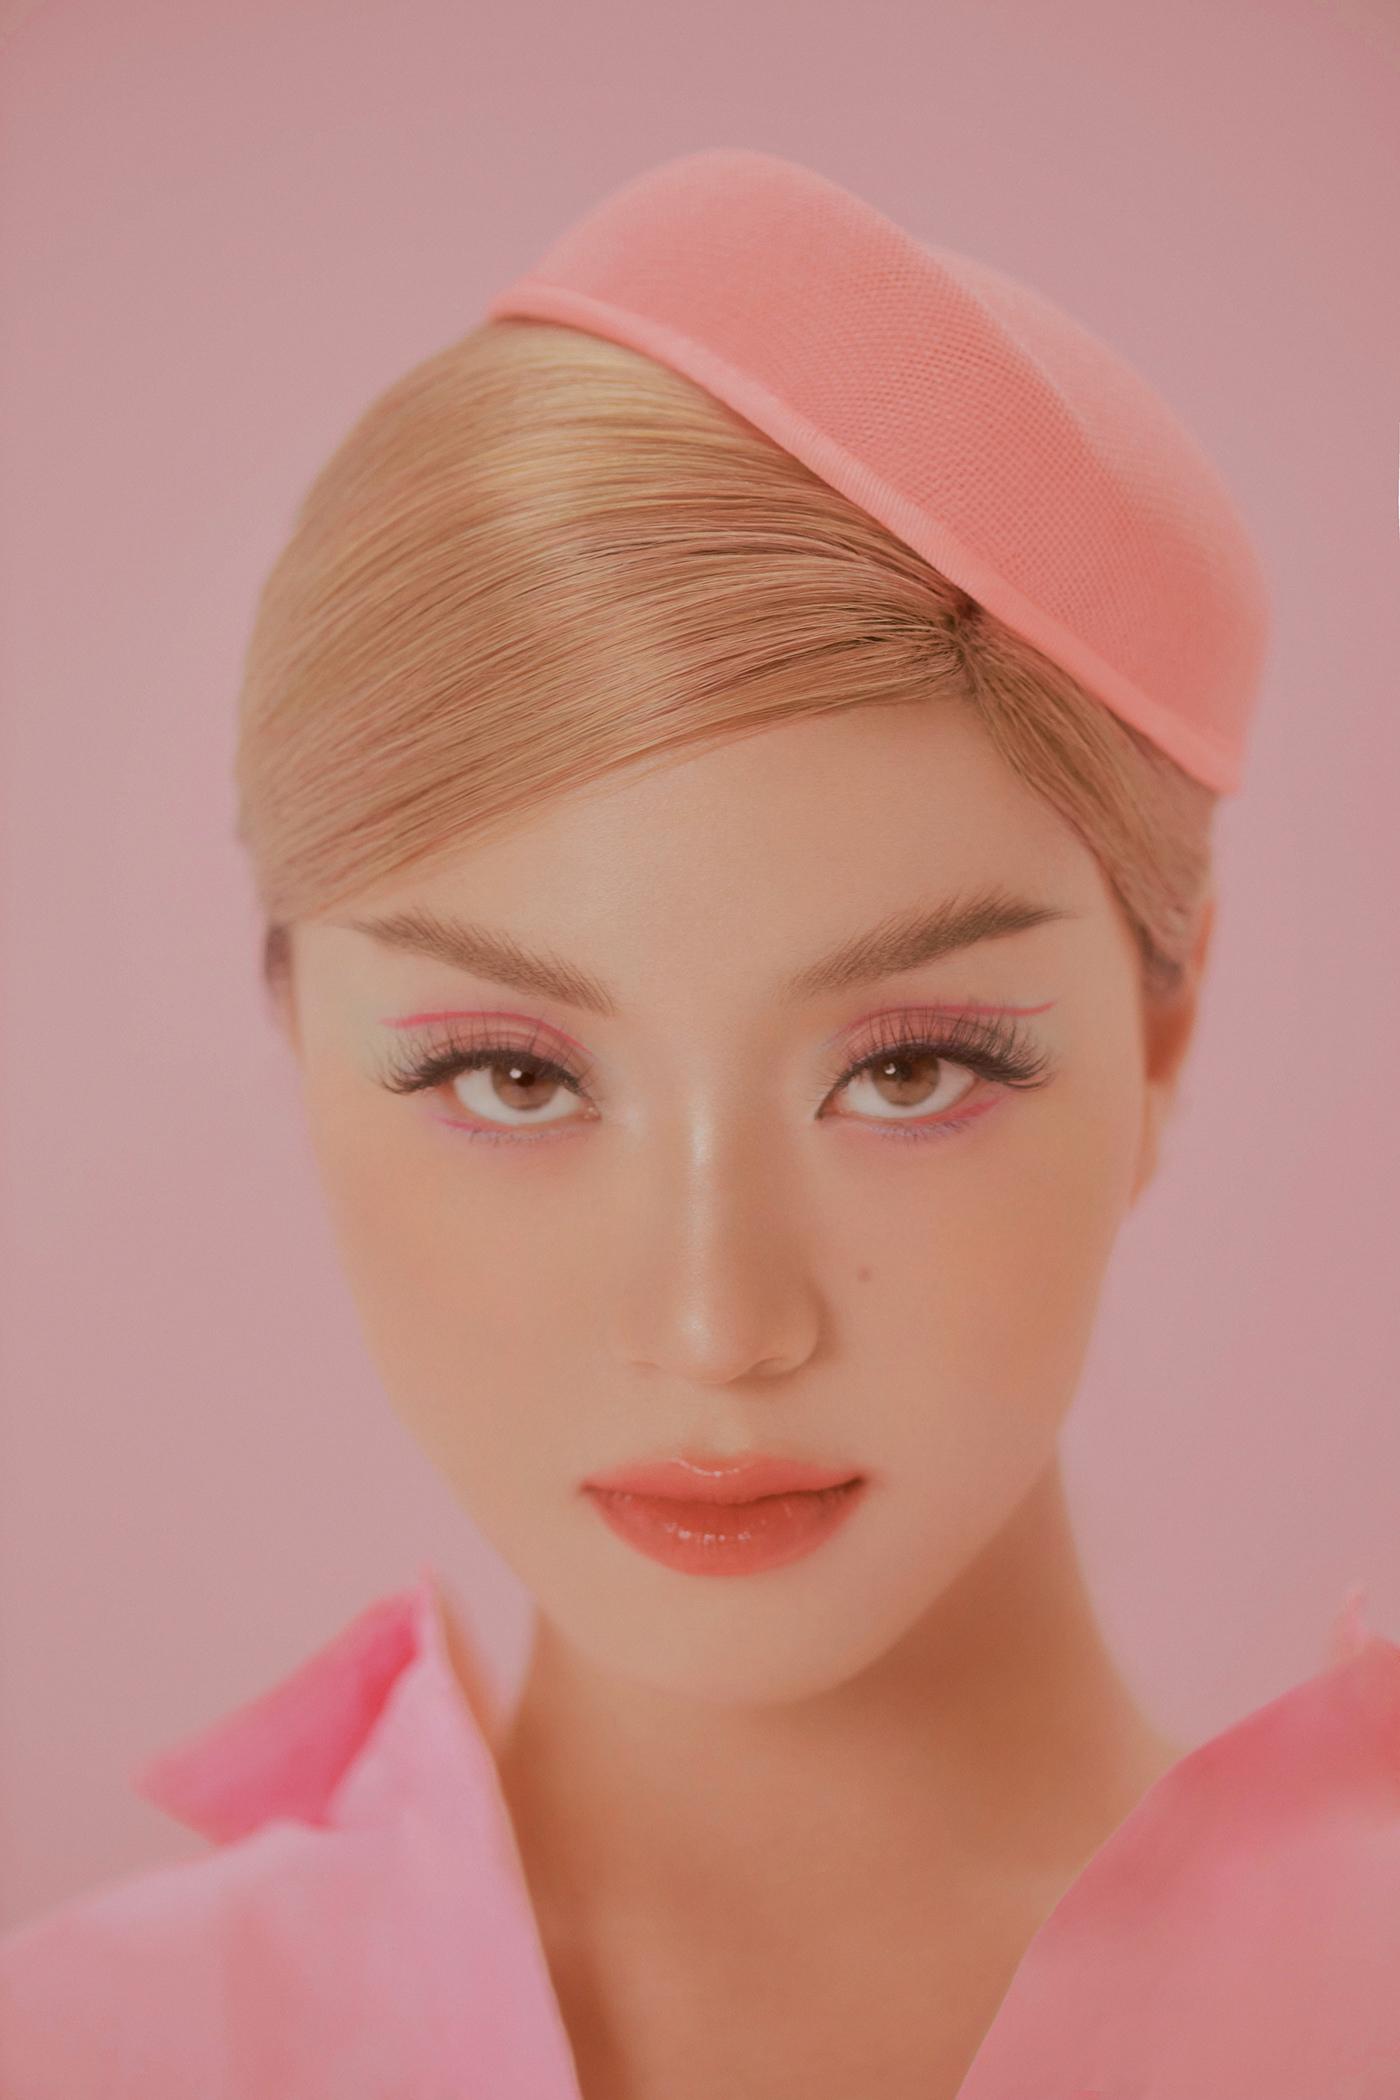 badyoyo Beatuy LINNNN pink twiggy yoyo